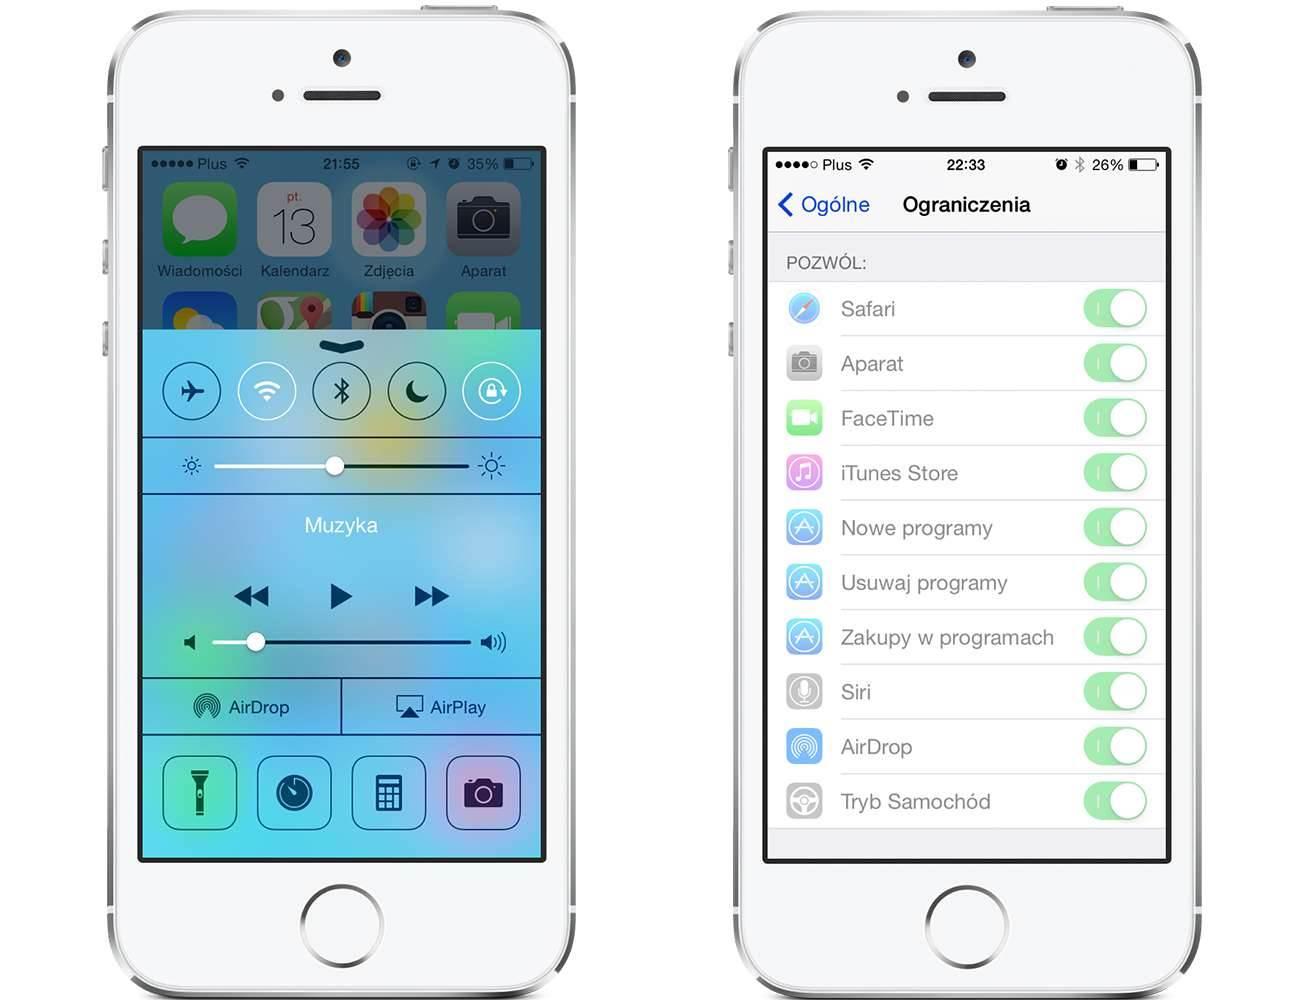 iOS 7.1 beta 2 - lista zmian polecane Update, OTA, Oprogramowanie, iPhone, iPad, iOS7.1b2, iOS7.1 beta2, iOS7.1, iOS 7.1 beta 2, iOS 7 beta2, iOS, Apple, Aktualizacja, 11D5115d  W piątek Apple udostępniło nową wersję systemu iOS 7.1 która oznaczona jest jako build 11D5115d. Poniżej znajdziecie listę zmian jakie zauważyłem w stosunku do poprzedniej bety. Wpis jest aktualizowany na bieżąco także zapraszam do częstego odwiedzania strony. b2.31